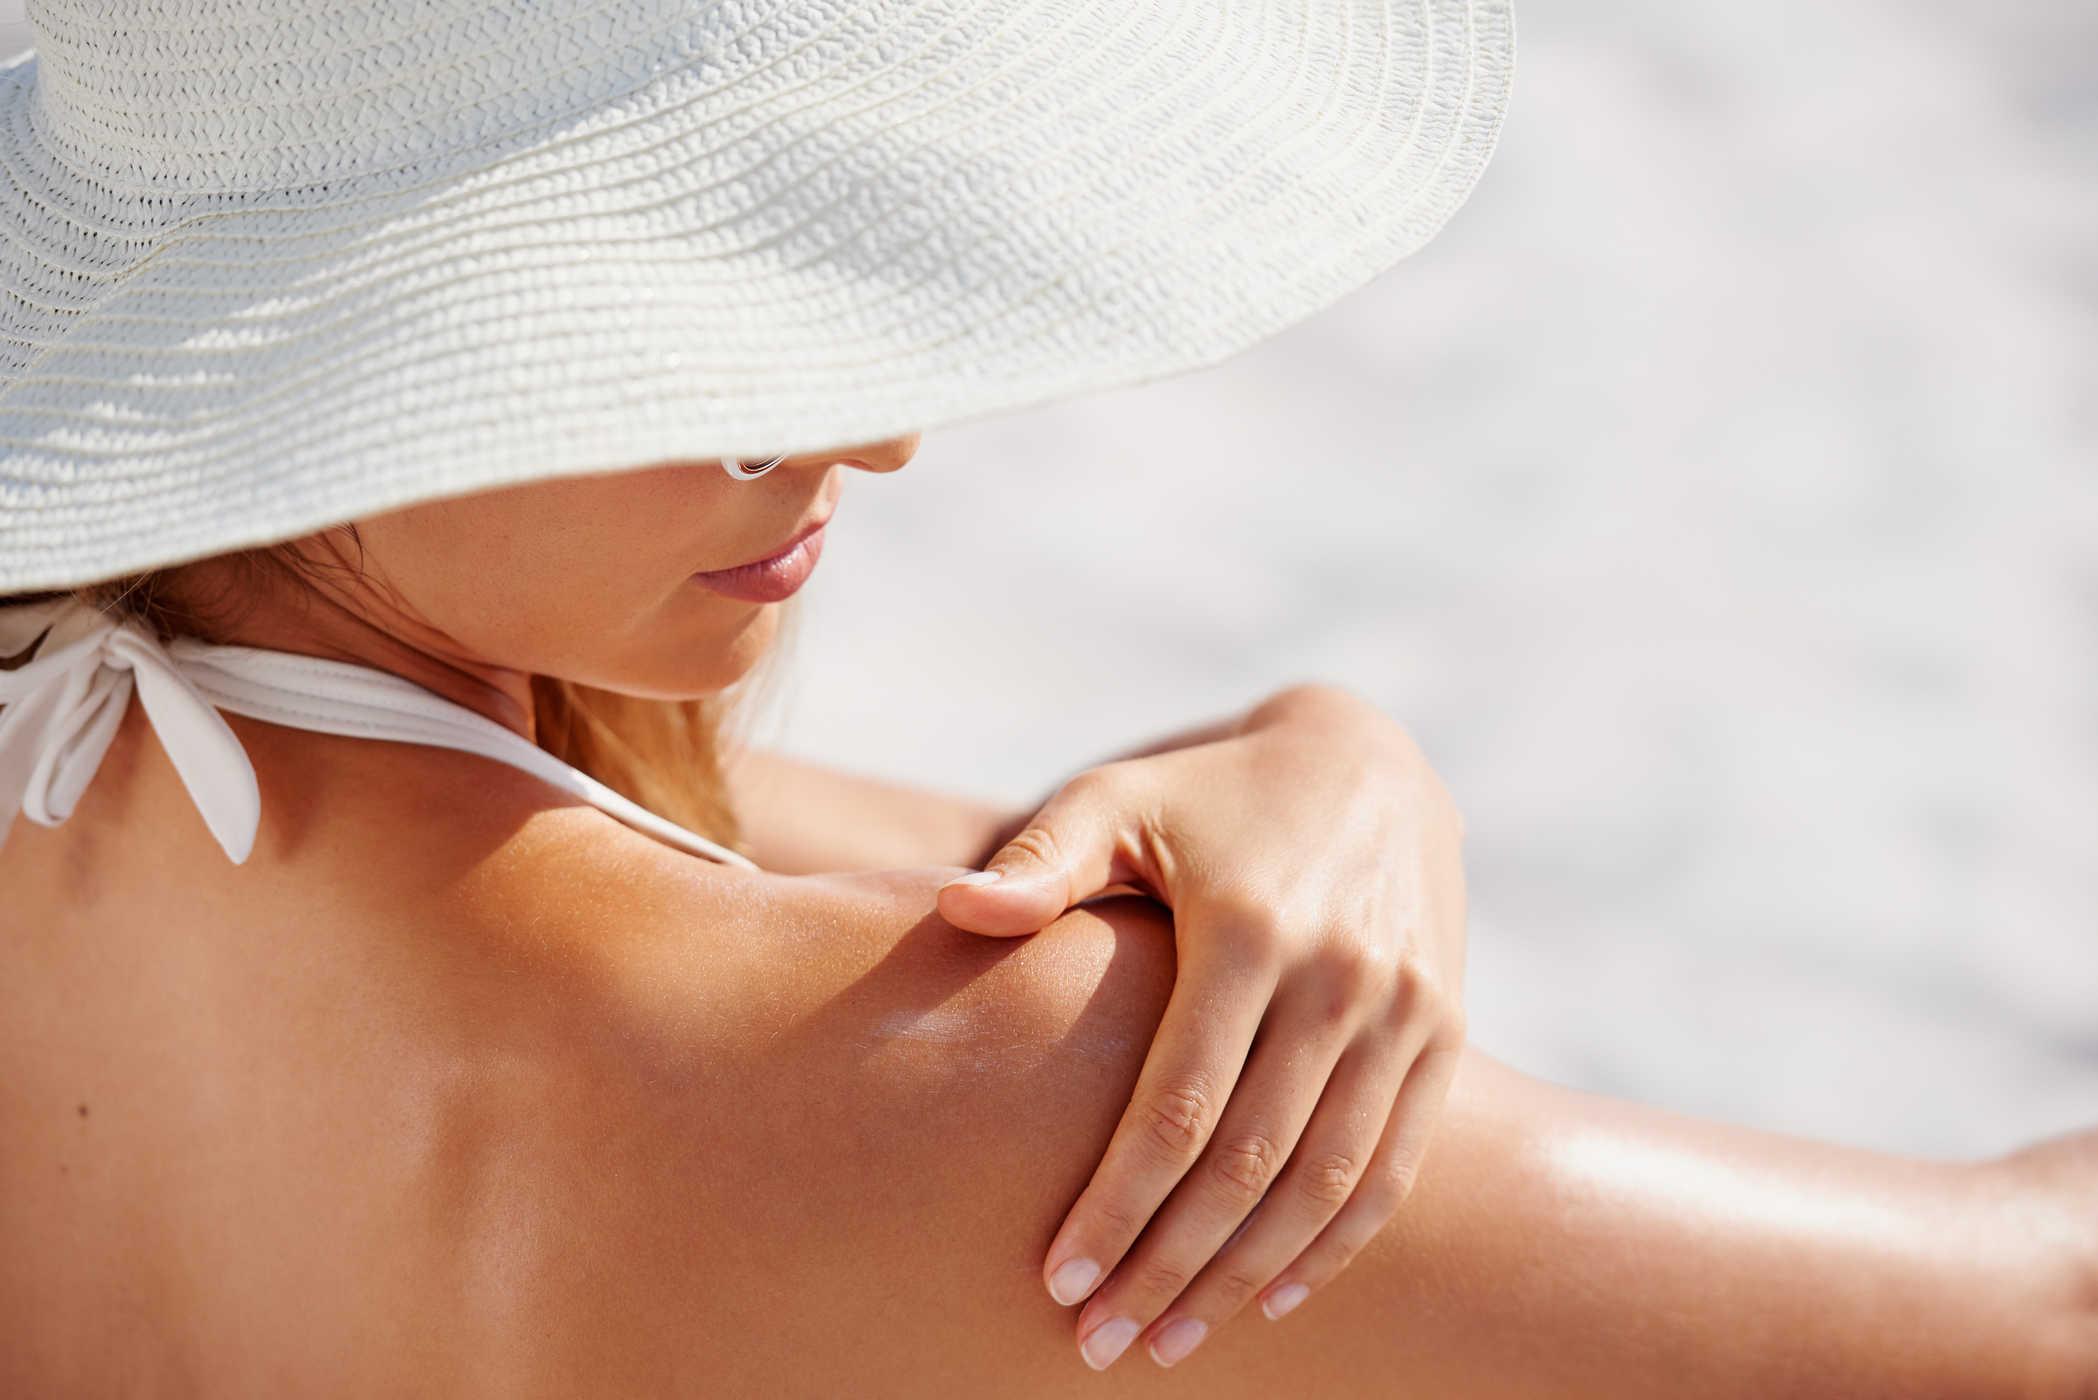 4 sự thật bạn vẫn luôn nhầm tưởng khi sử dụng viên uống chống nắng!